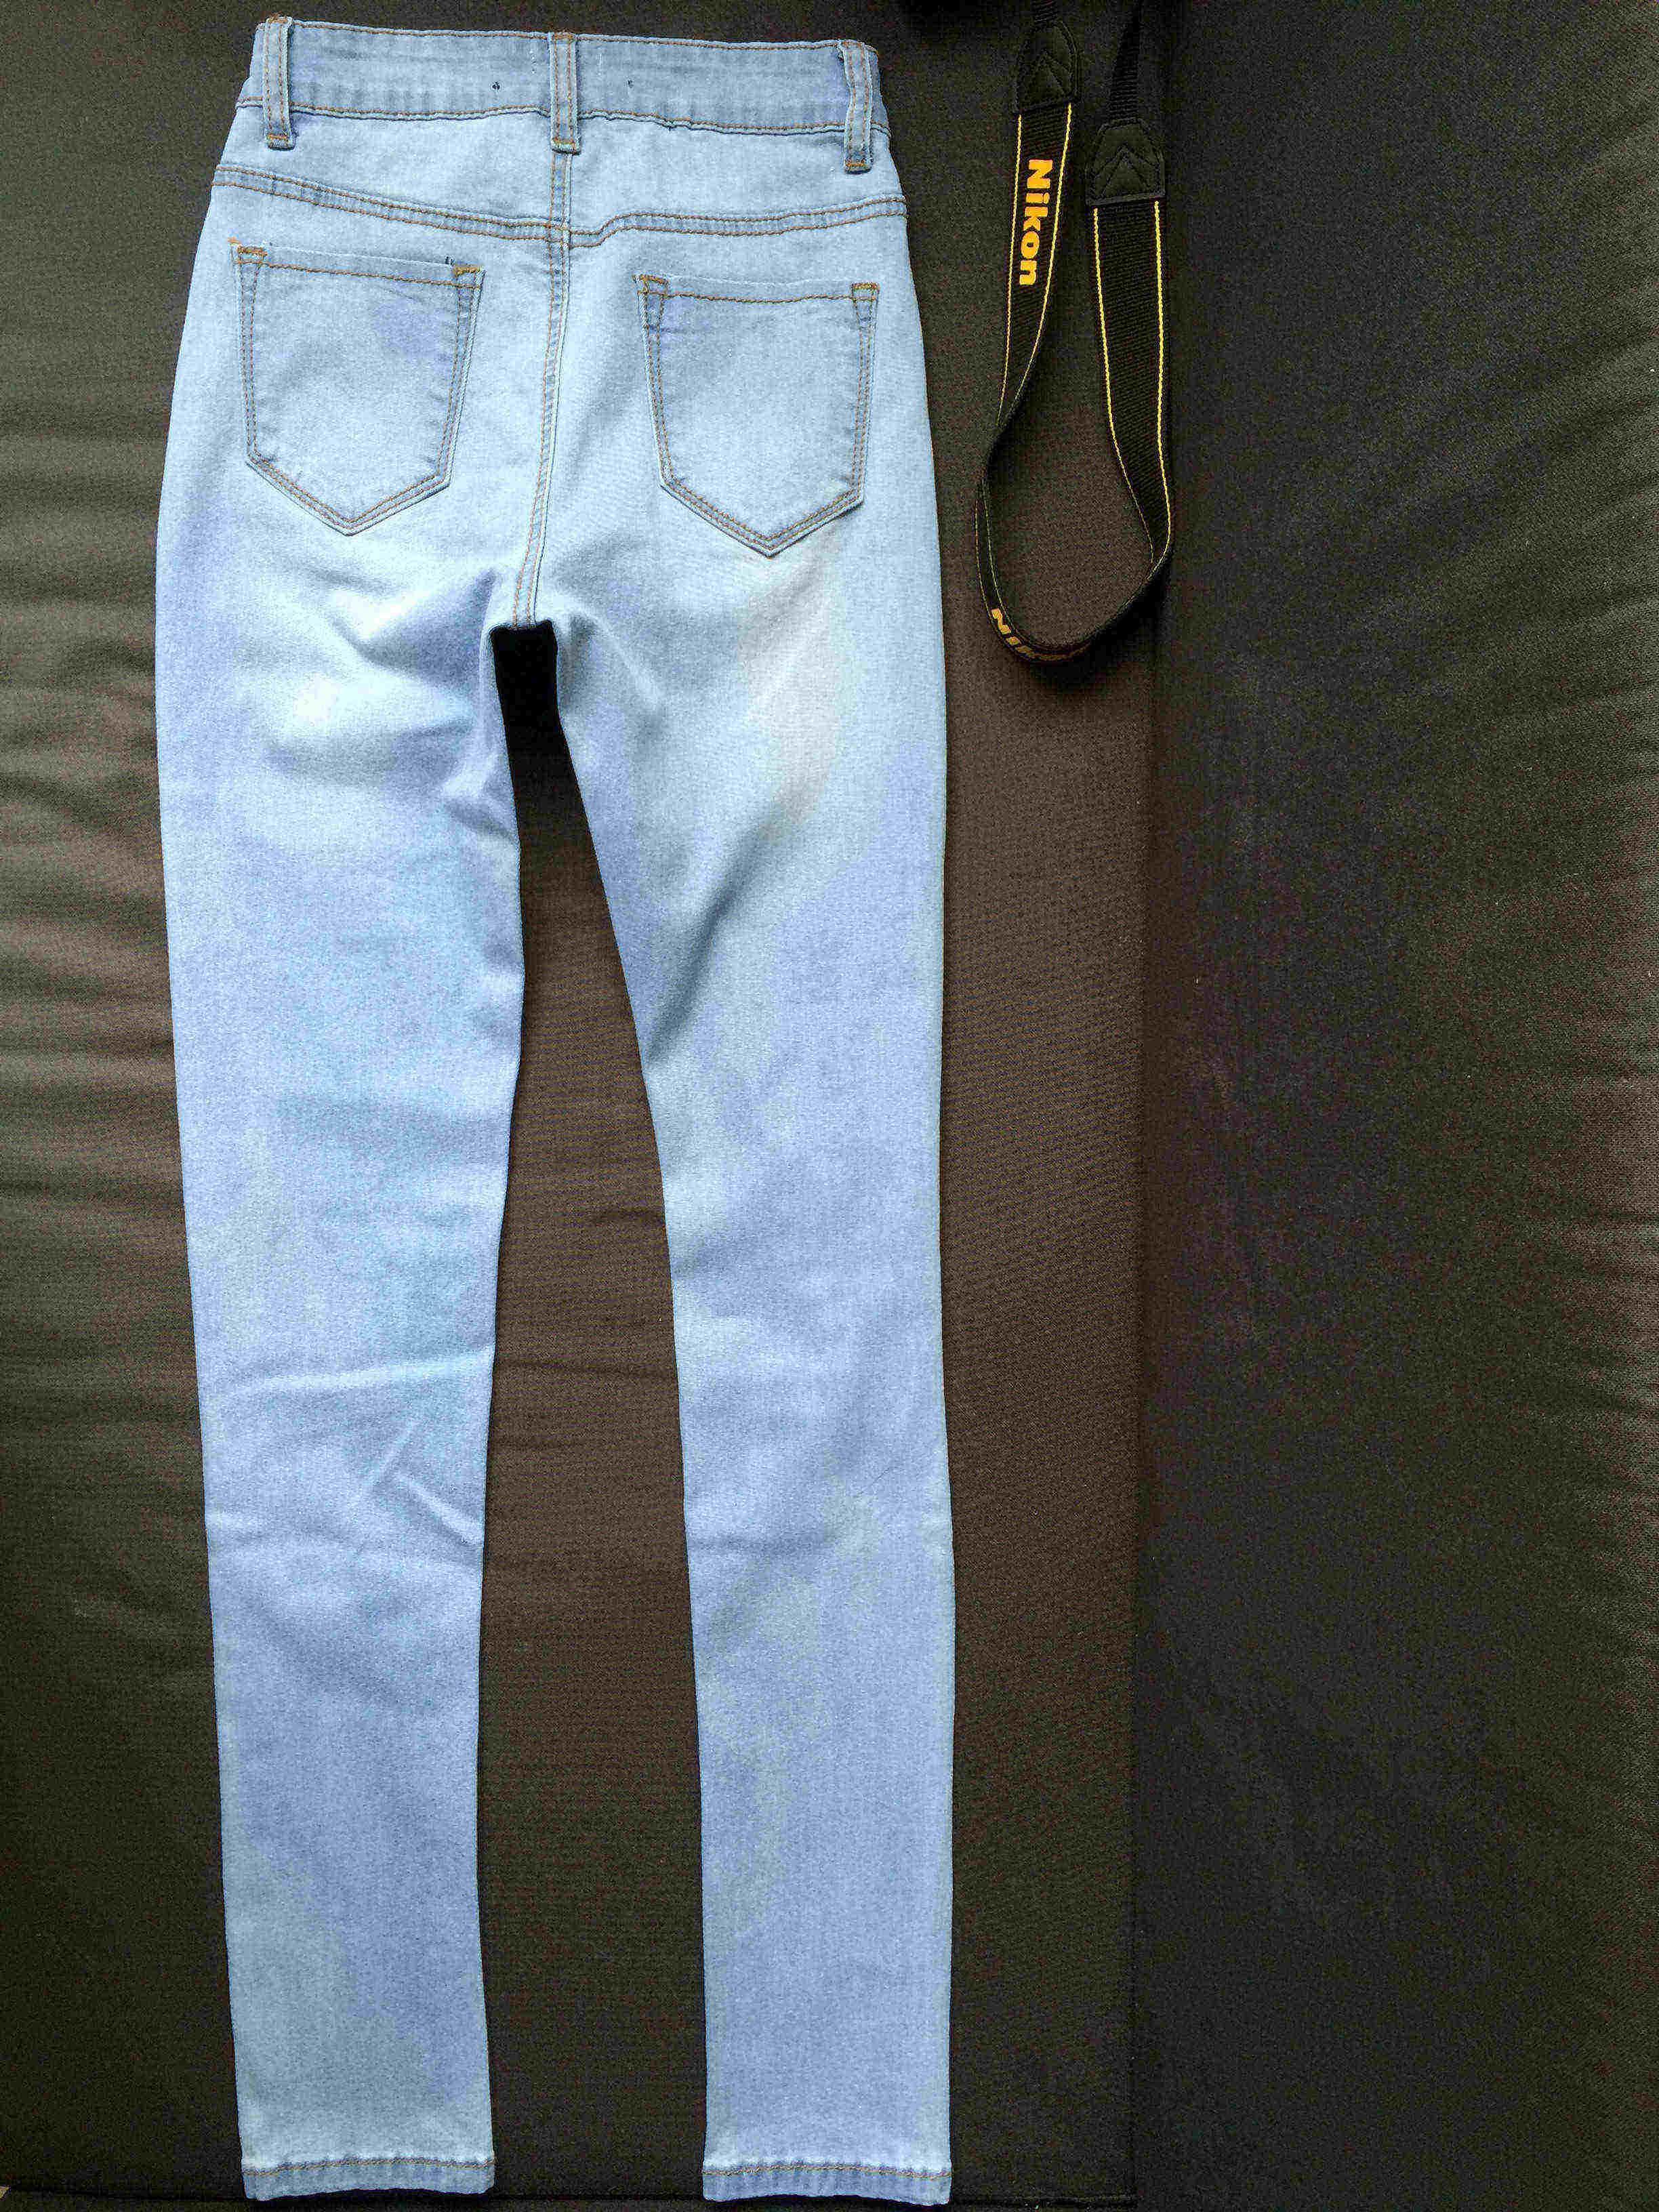 2016052920 Nuovo arrivo strappato grande foro nappe jeans a vita alta lavati pantaloni di jeans a figura intera pantaloni plus size donna womans